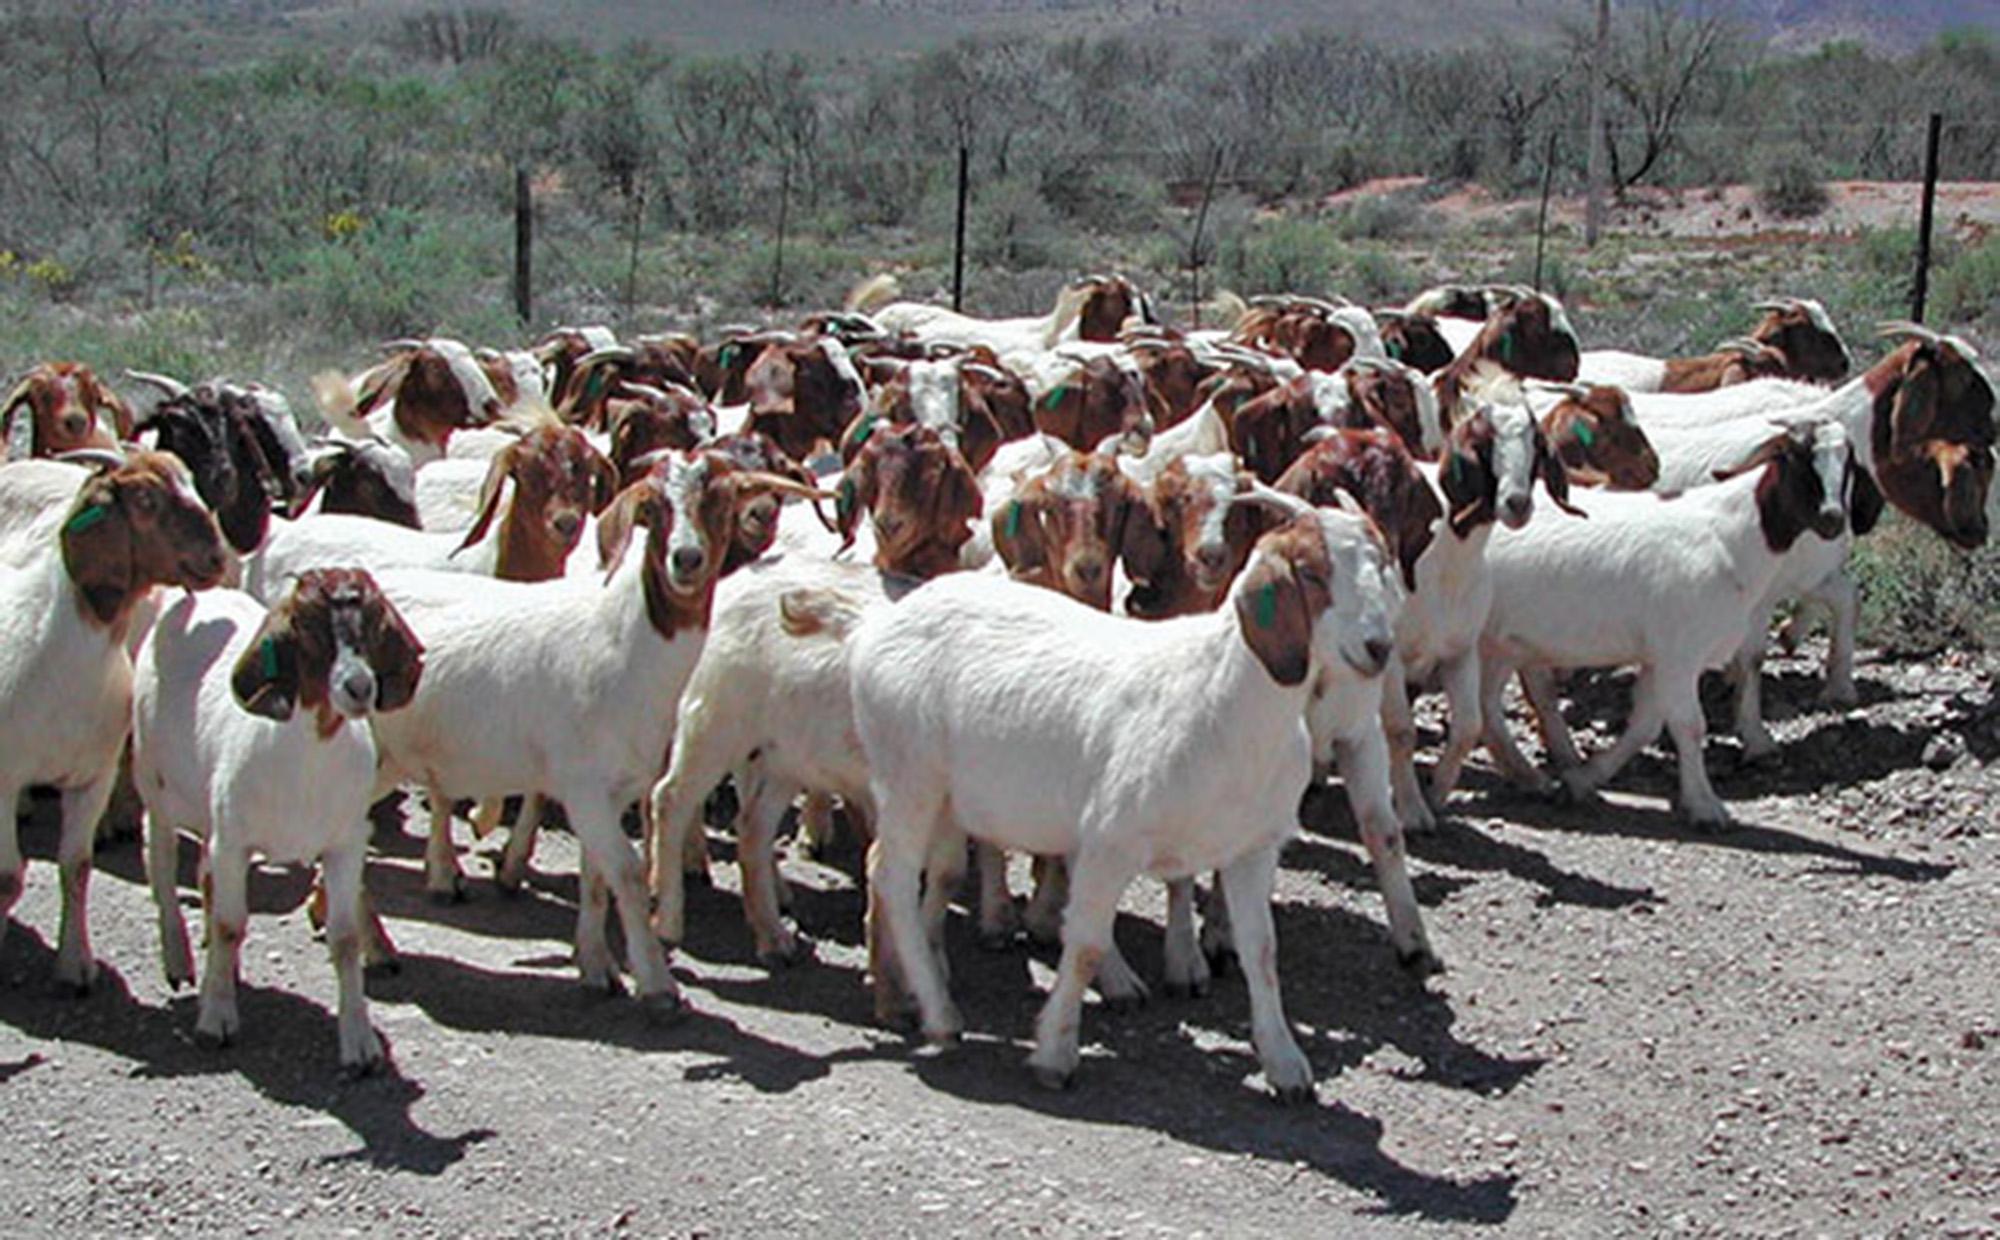 Zimbabwe set to enter goat meat export market - Rosywood